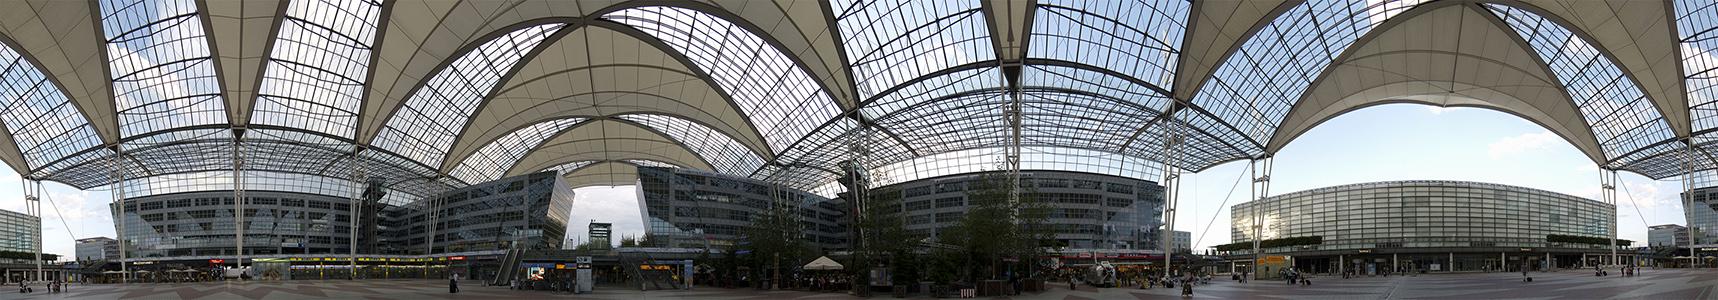 München Flughafen Franz Josef Strauß: Munich Airport Center (MAC) Flughafen Franz Josef Strauß